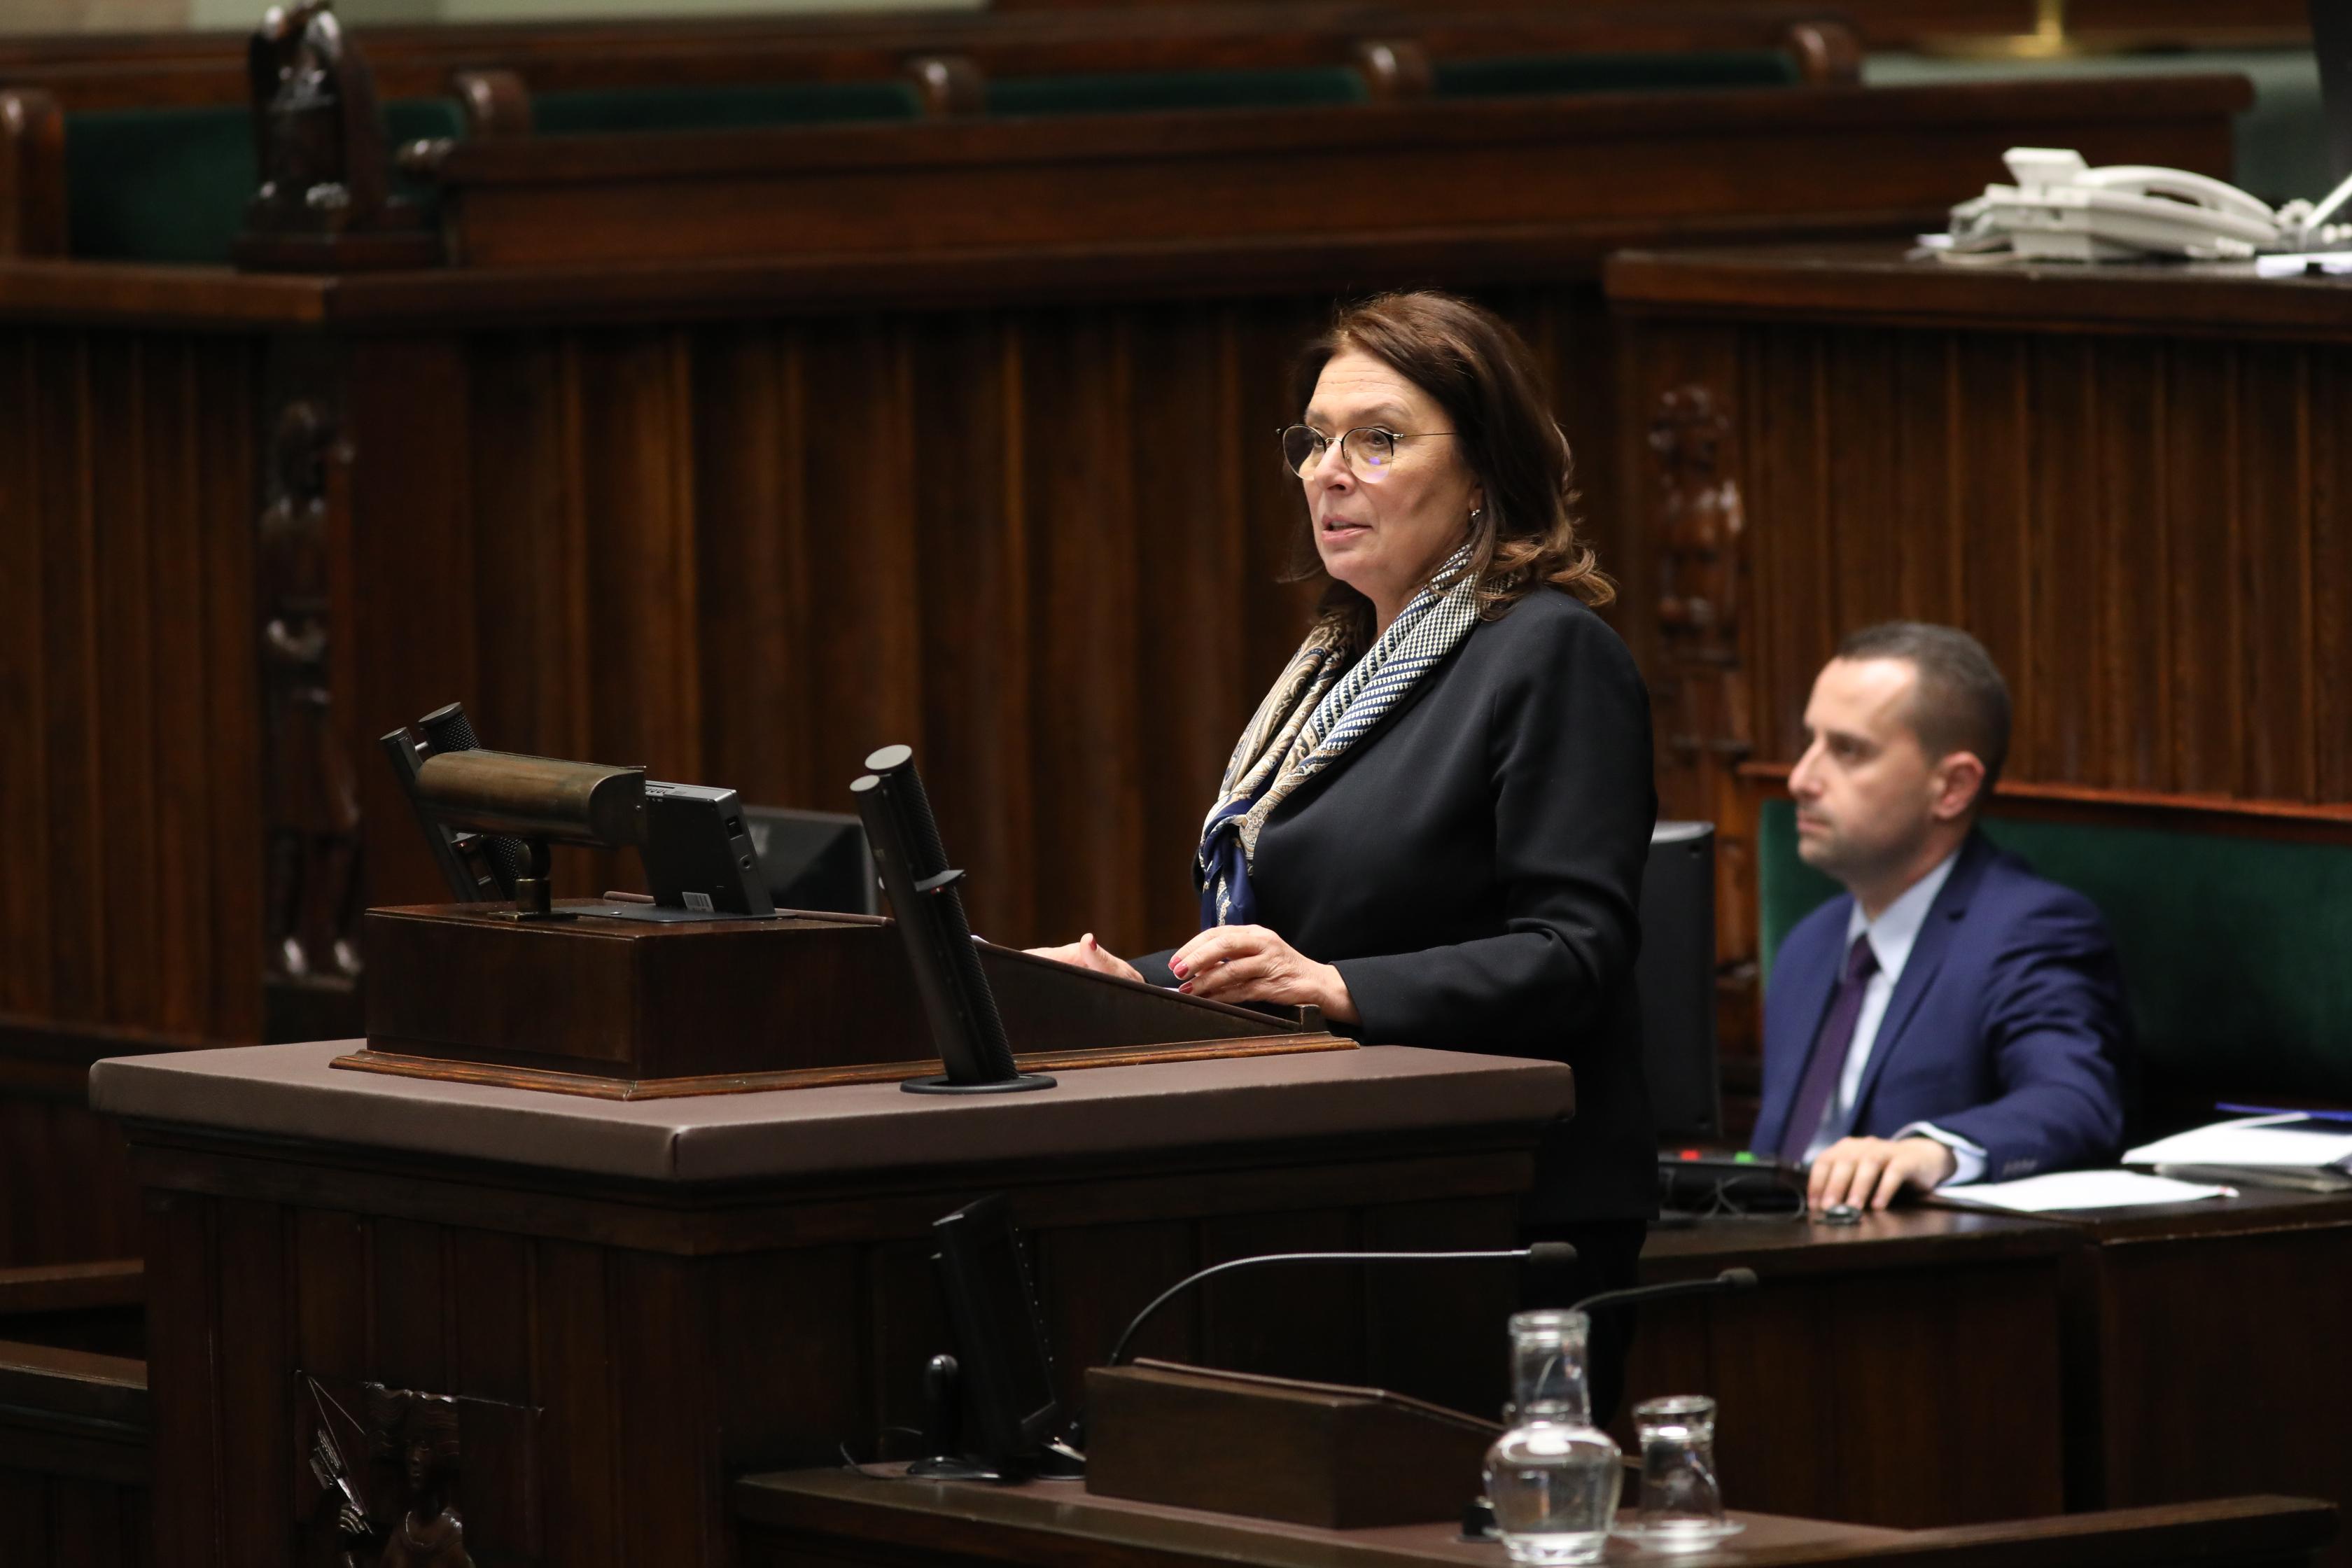 Małgorzata Kidawa-Błońska (Platforma Obywatelska) na mównicy sejmowej (fot. Rafał Zambrzycki/Kancelaria Sejmu/flickr.com/CC BY 2.0)